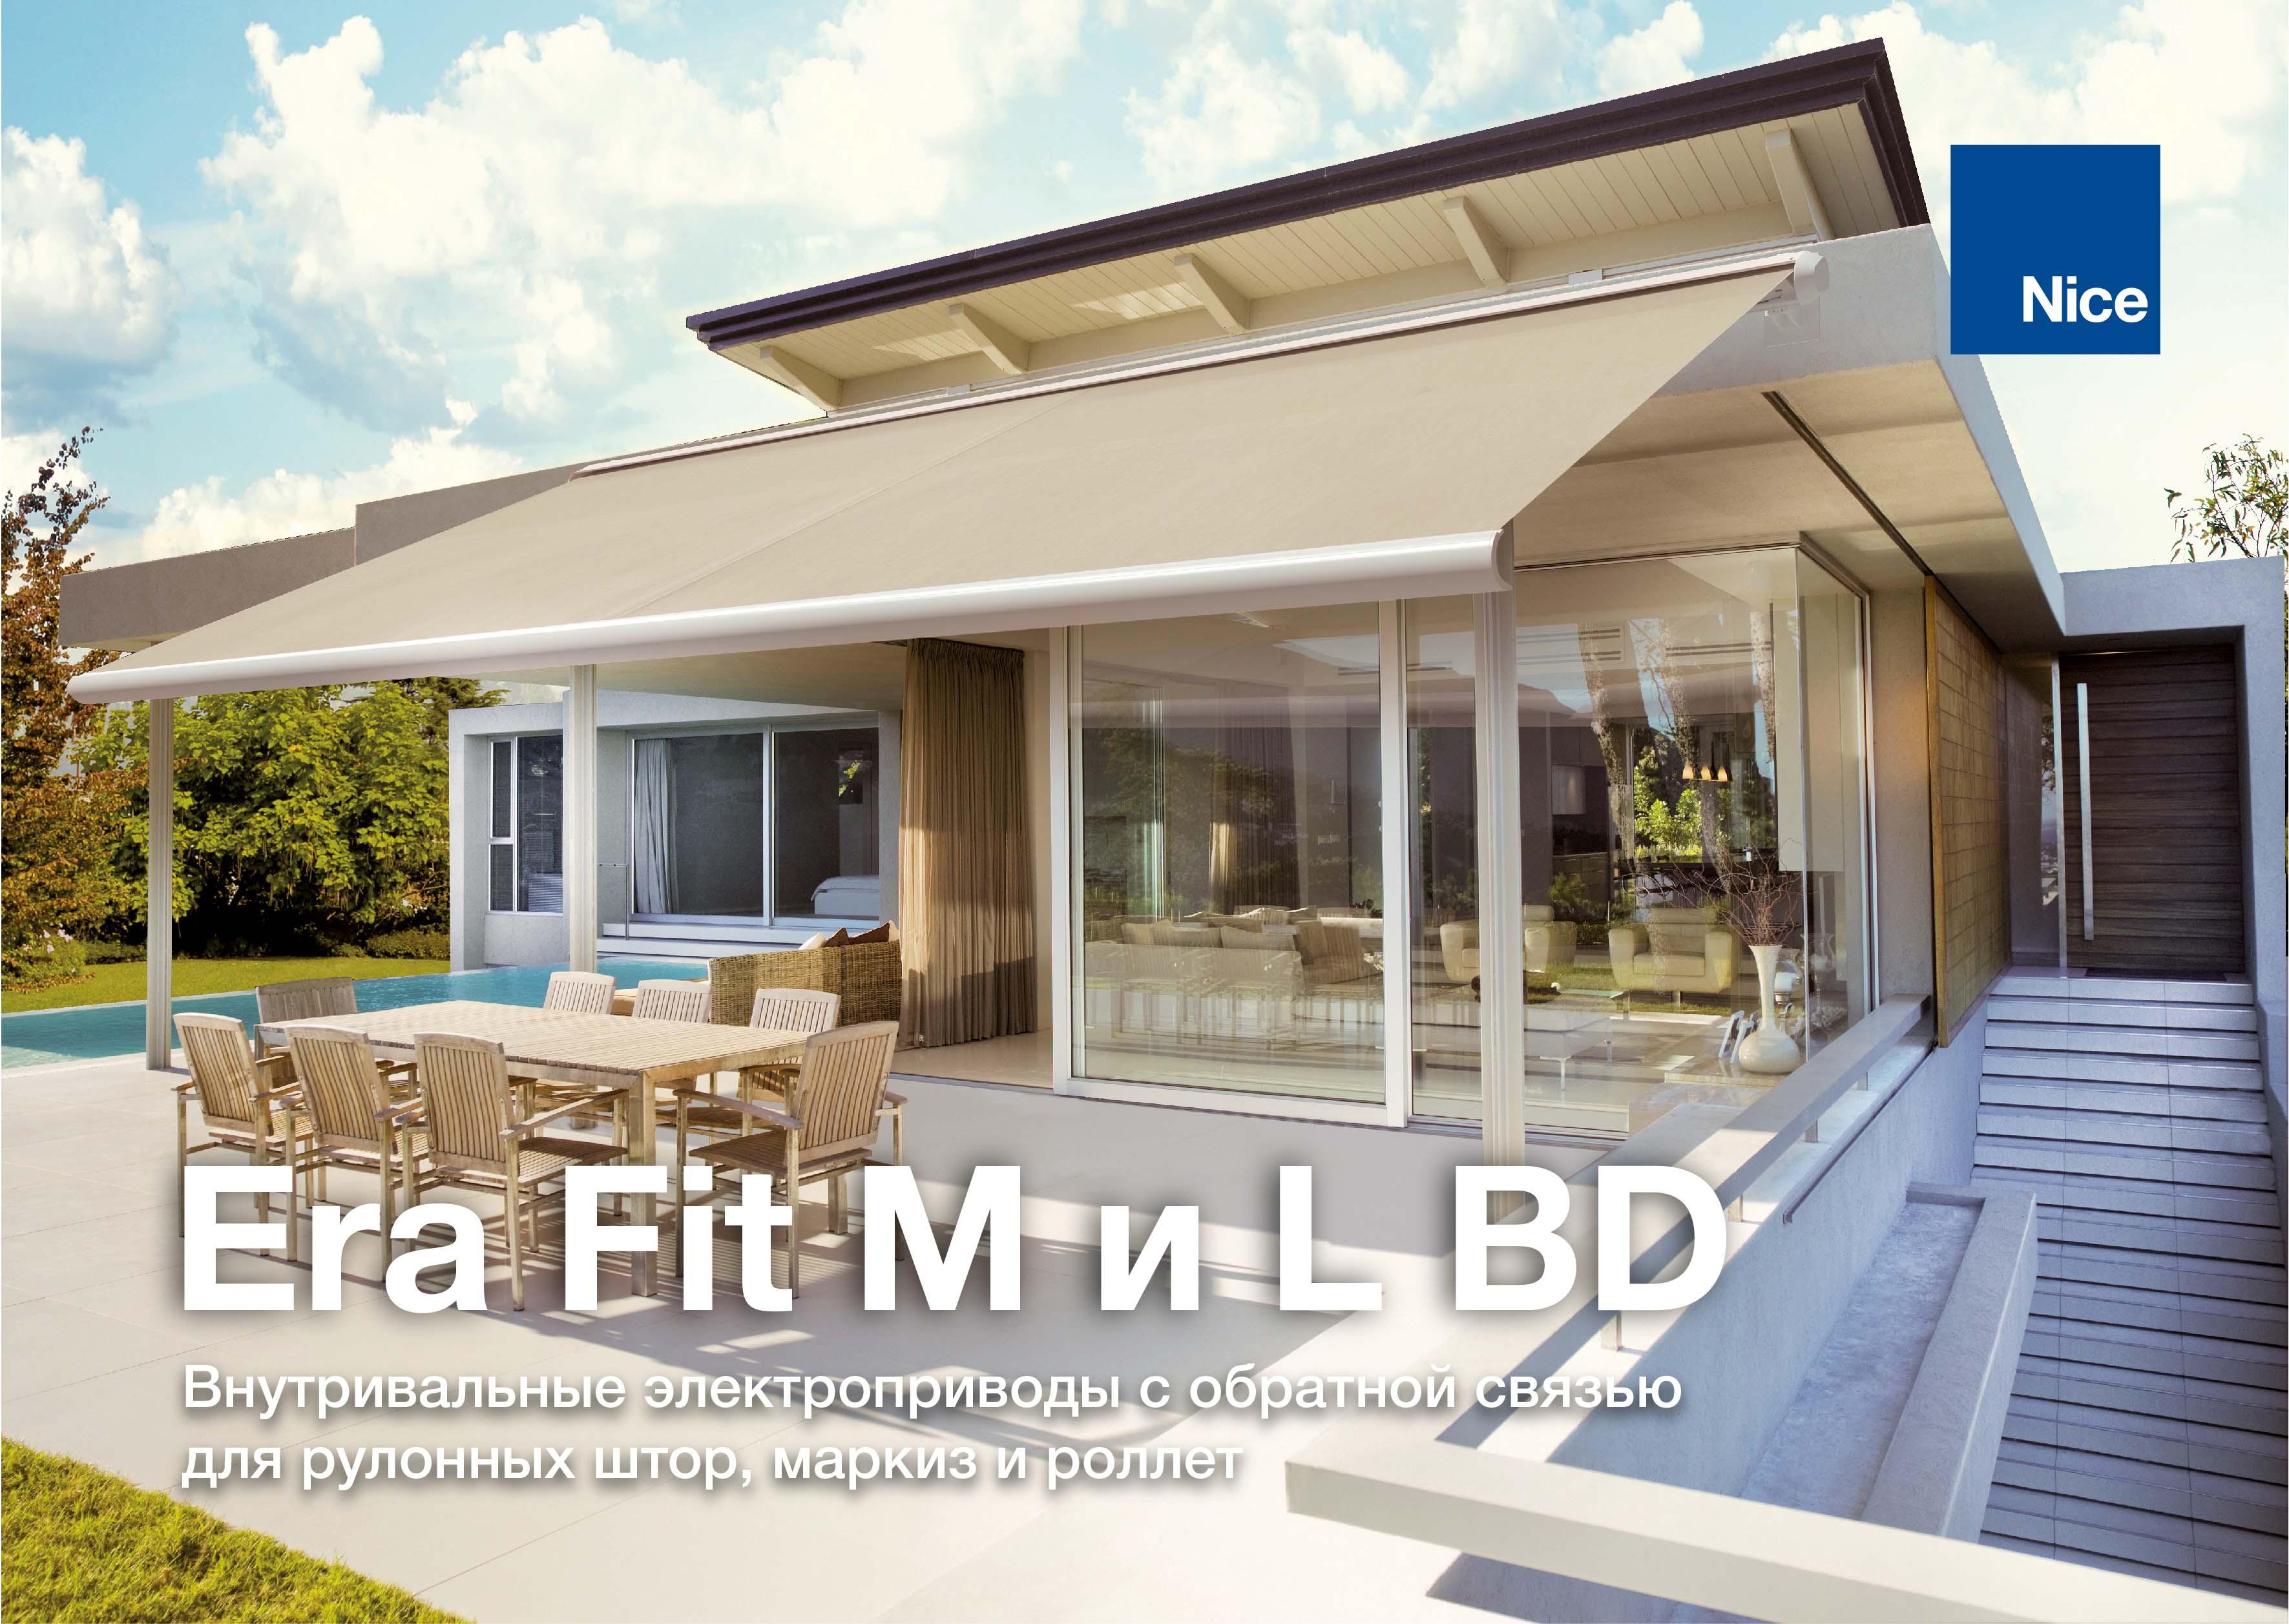 Новая брошюра «Era Fit M и L BD — Внутривальные электроприводы с обратной связью для рулонных штор, маркиз и роллет» доступна для скачивания!